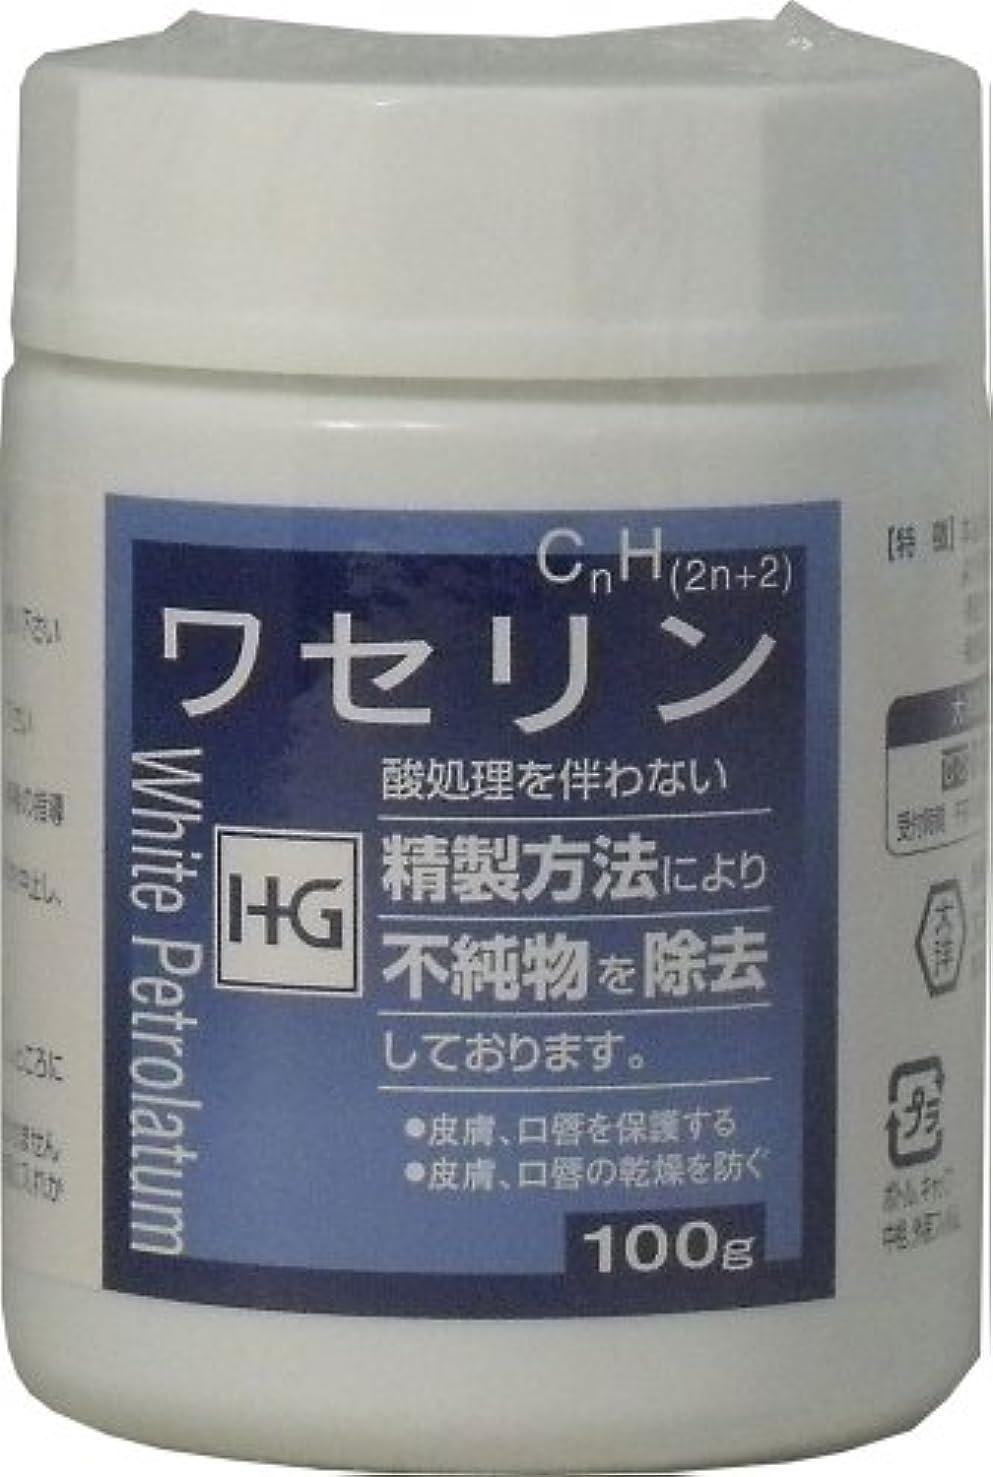 お手書きではごきげんよう皮膚保護 ワセリンHG 100g ×5個セット